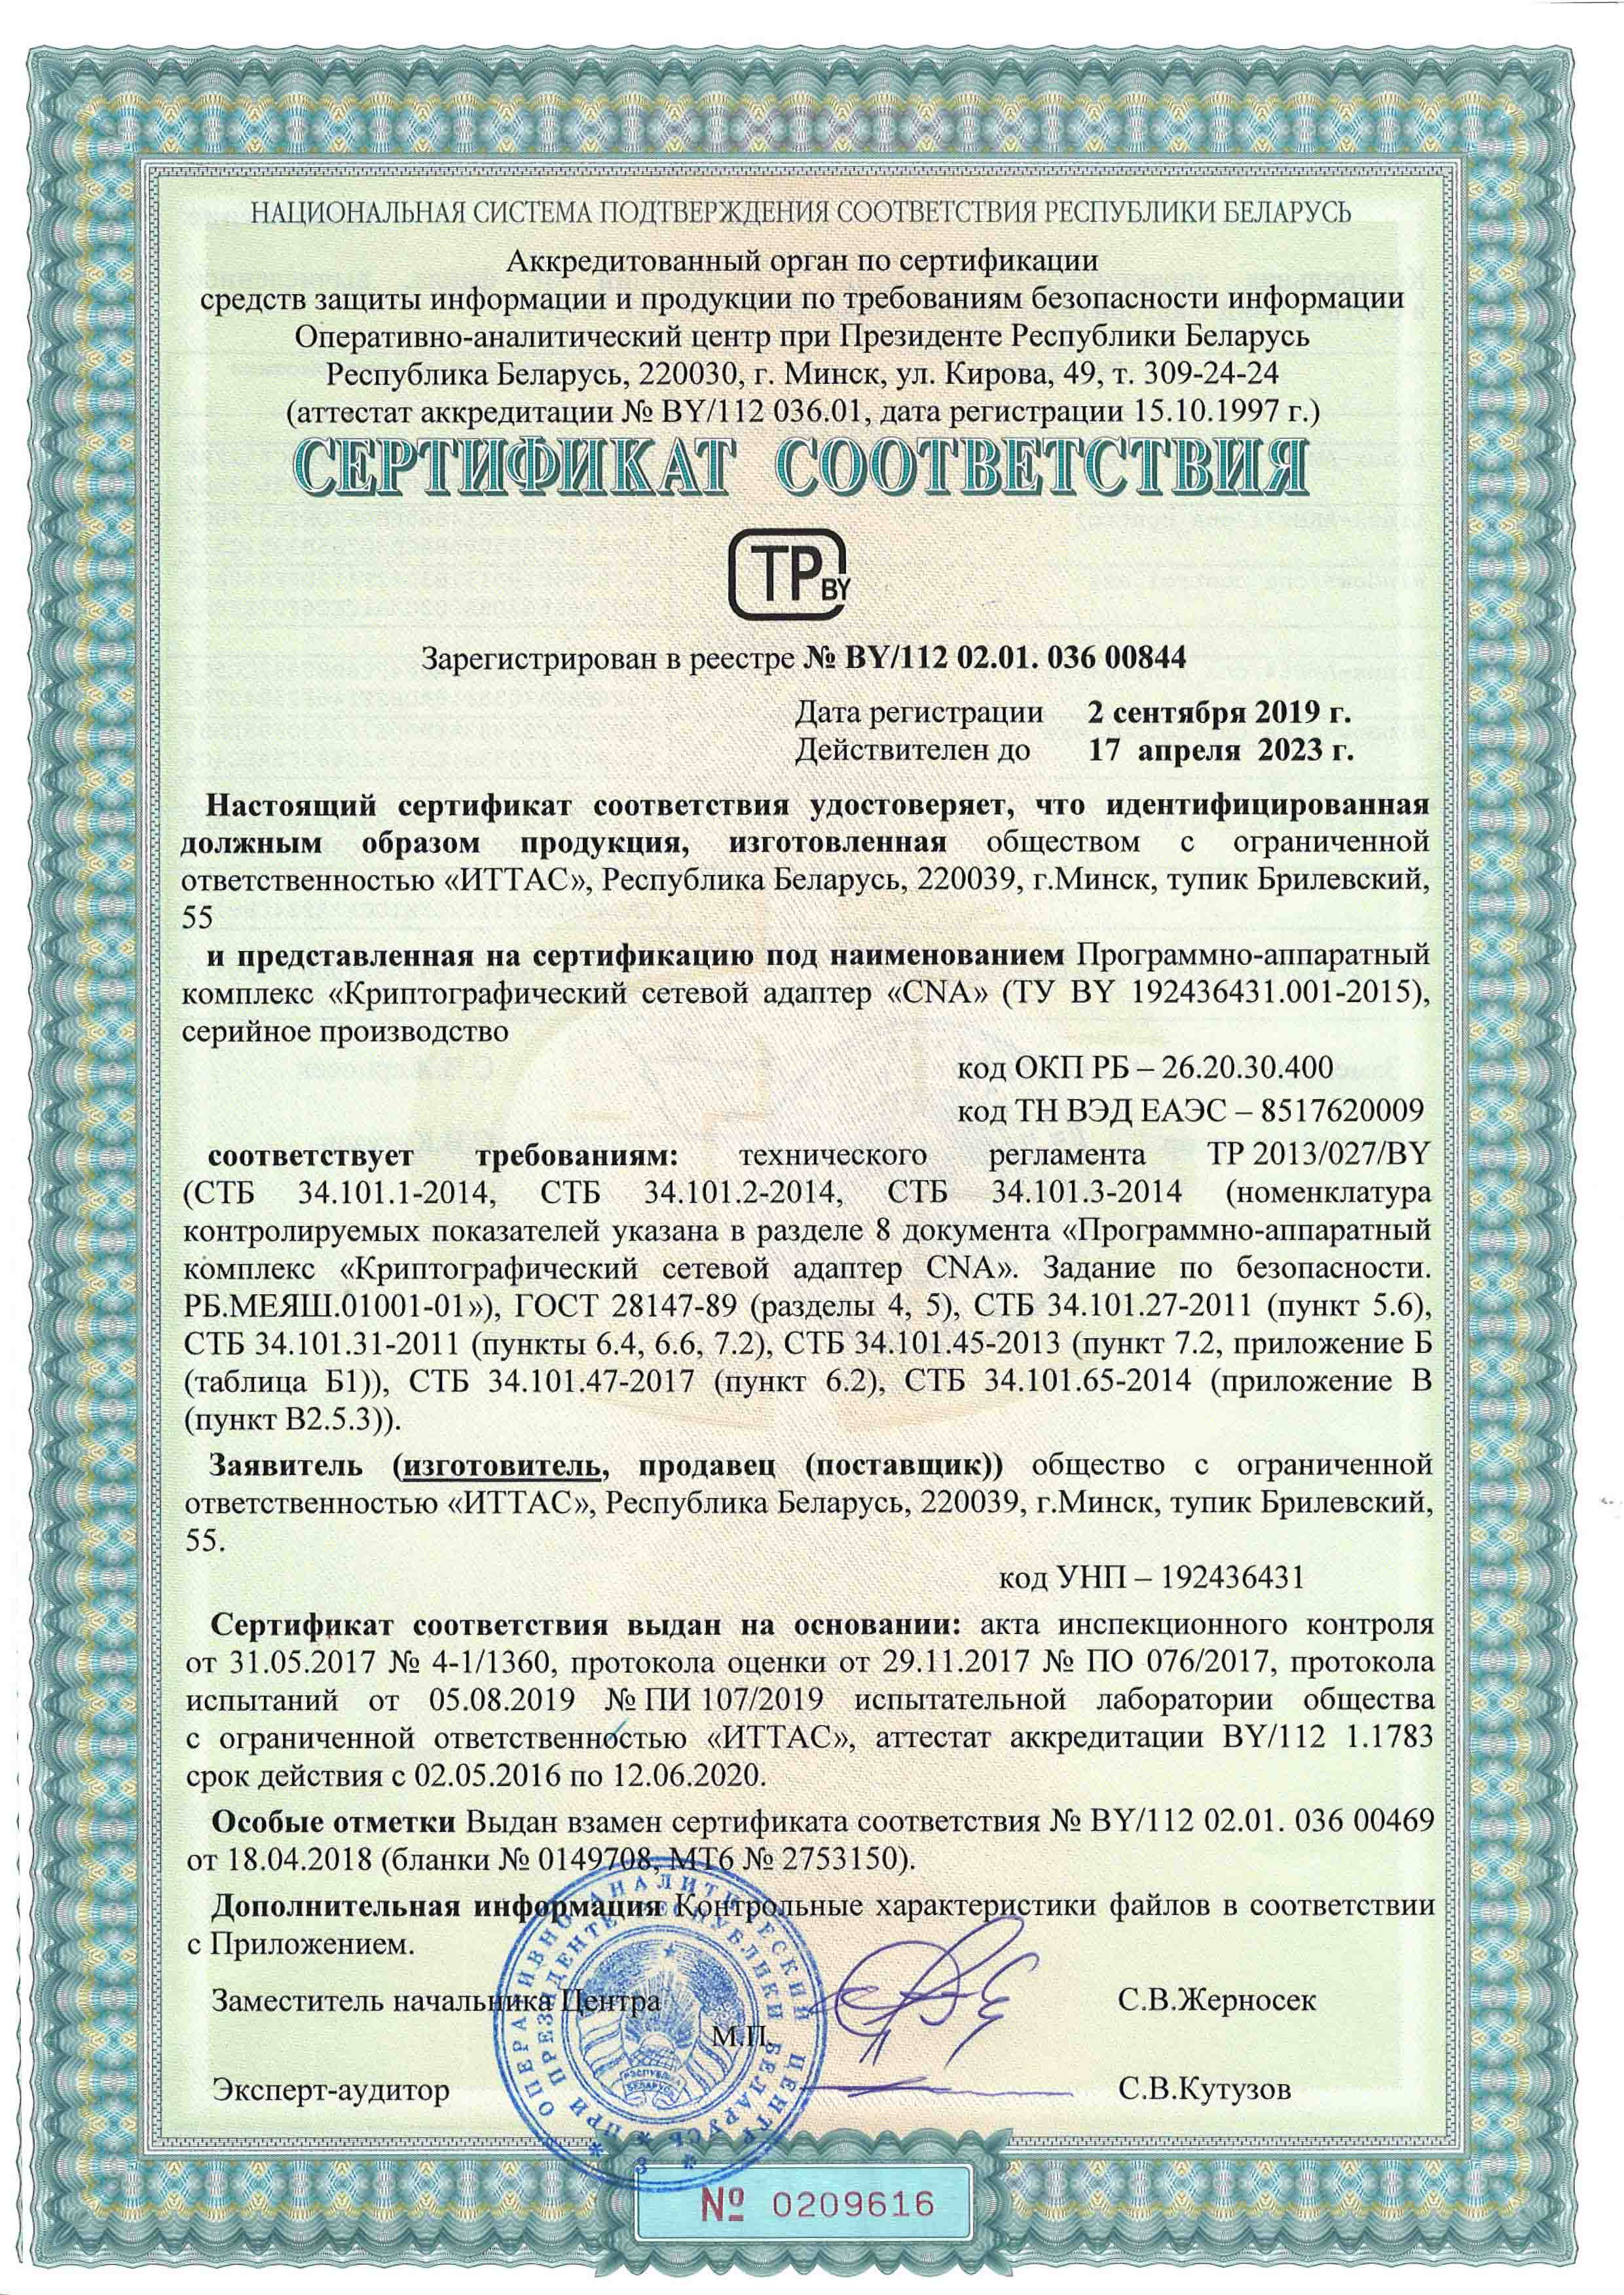 Сертификат соответсвия CNA